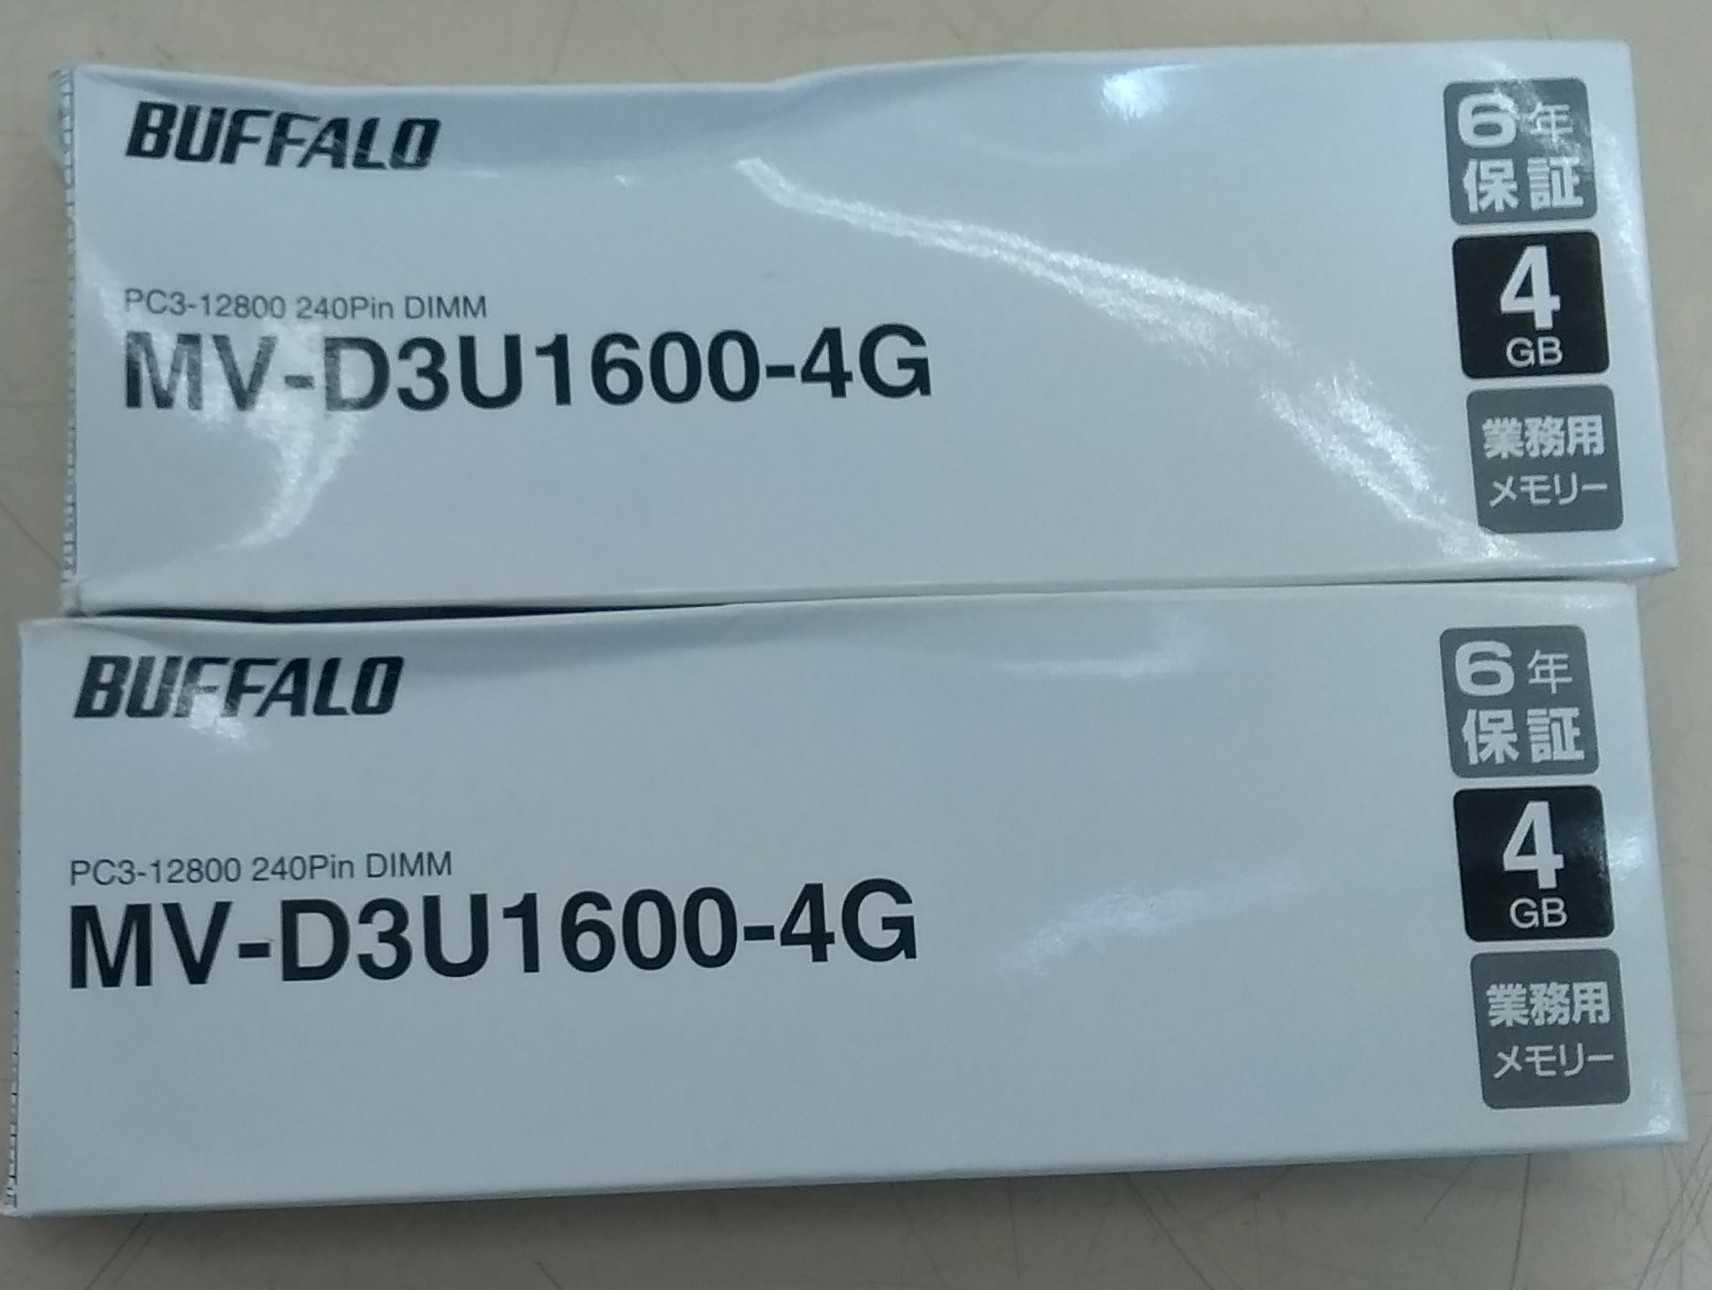 デスクトップPC用DIMM DDR3-1600/PC3-12|BUFFALO